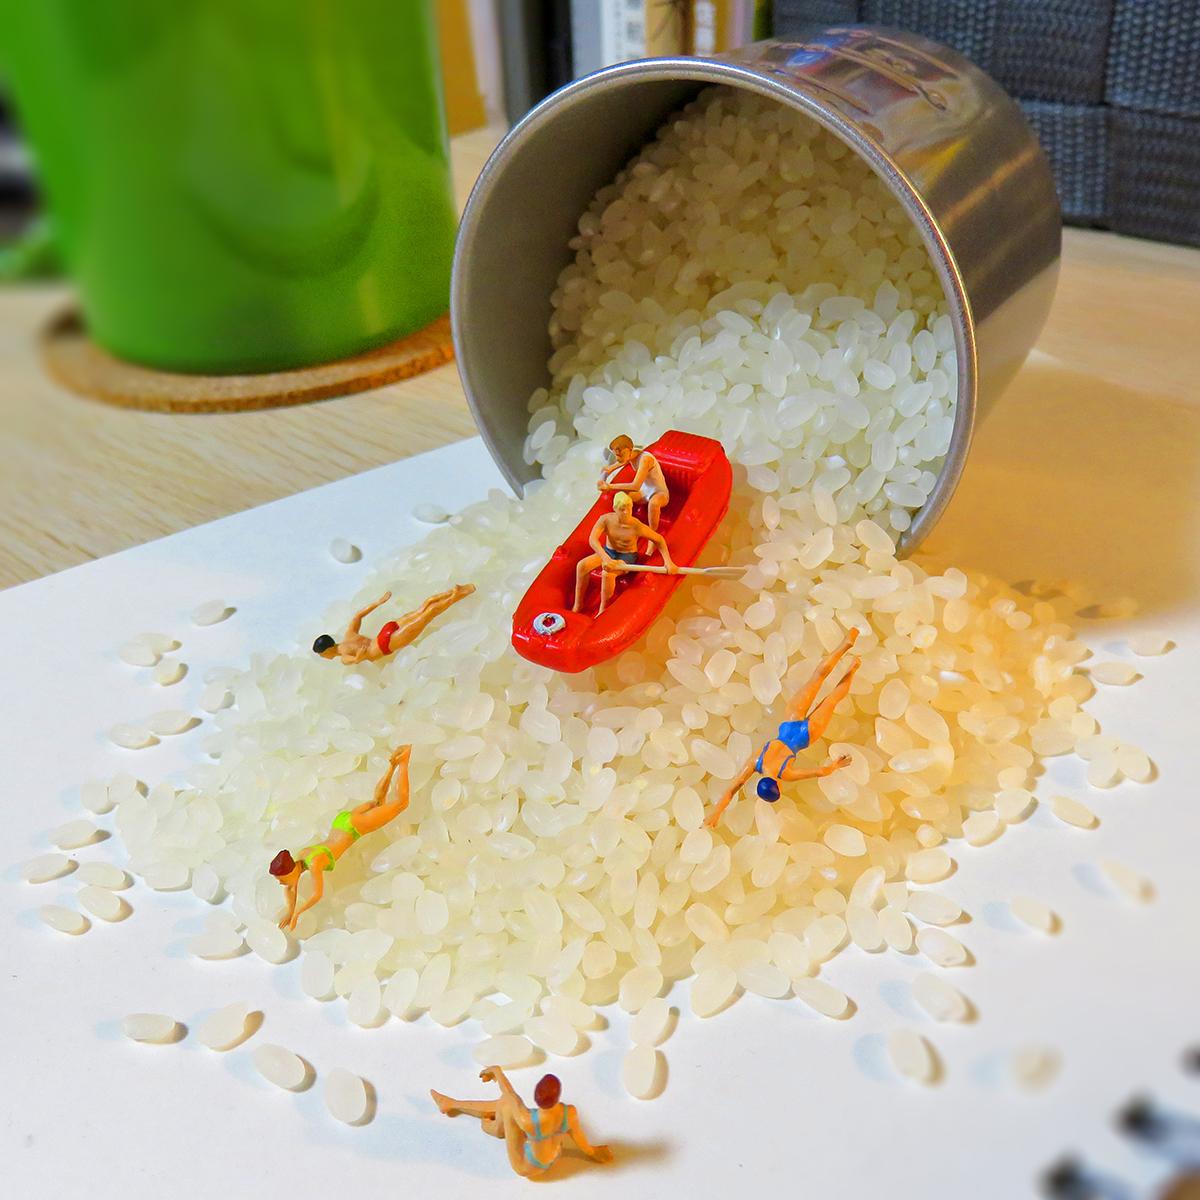 お米粒の急流でラフティングを楽しむ人達